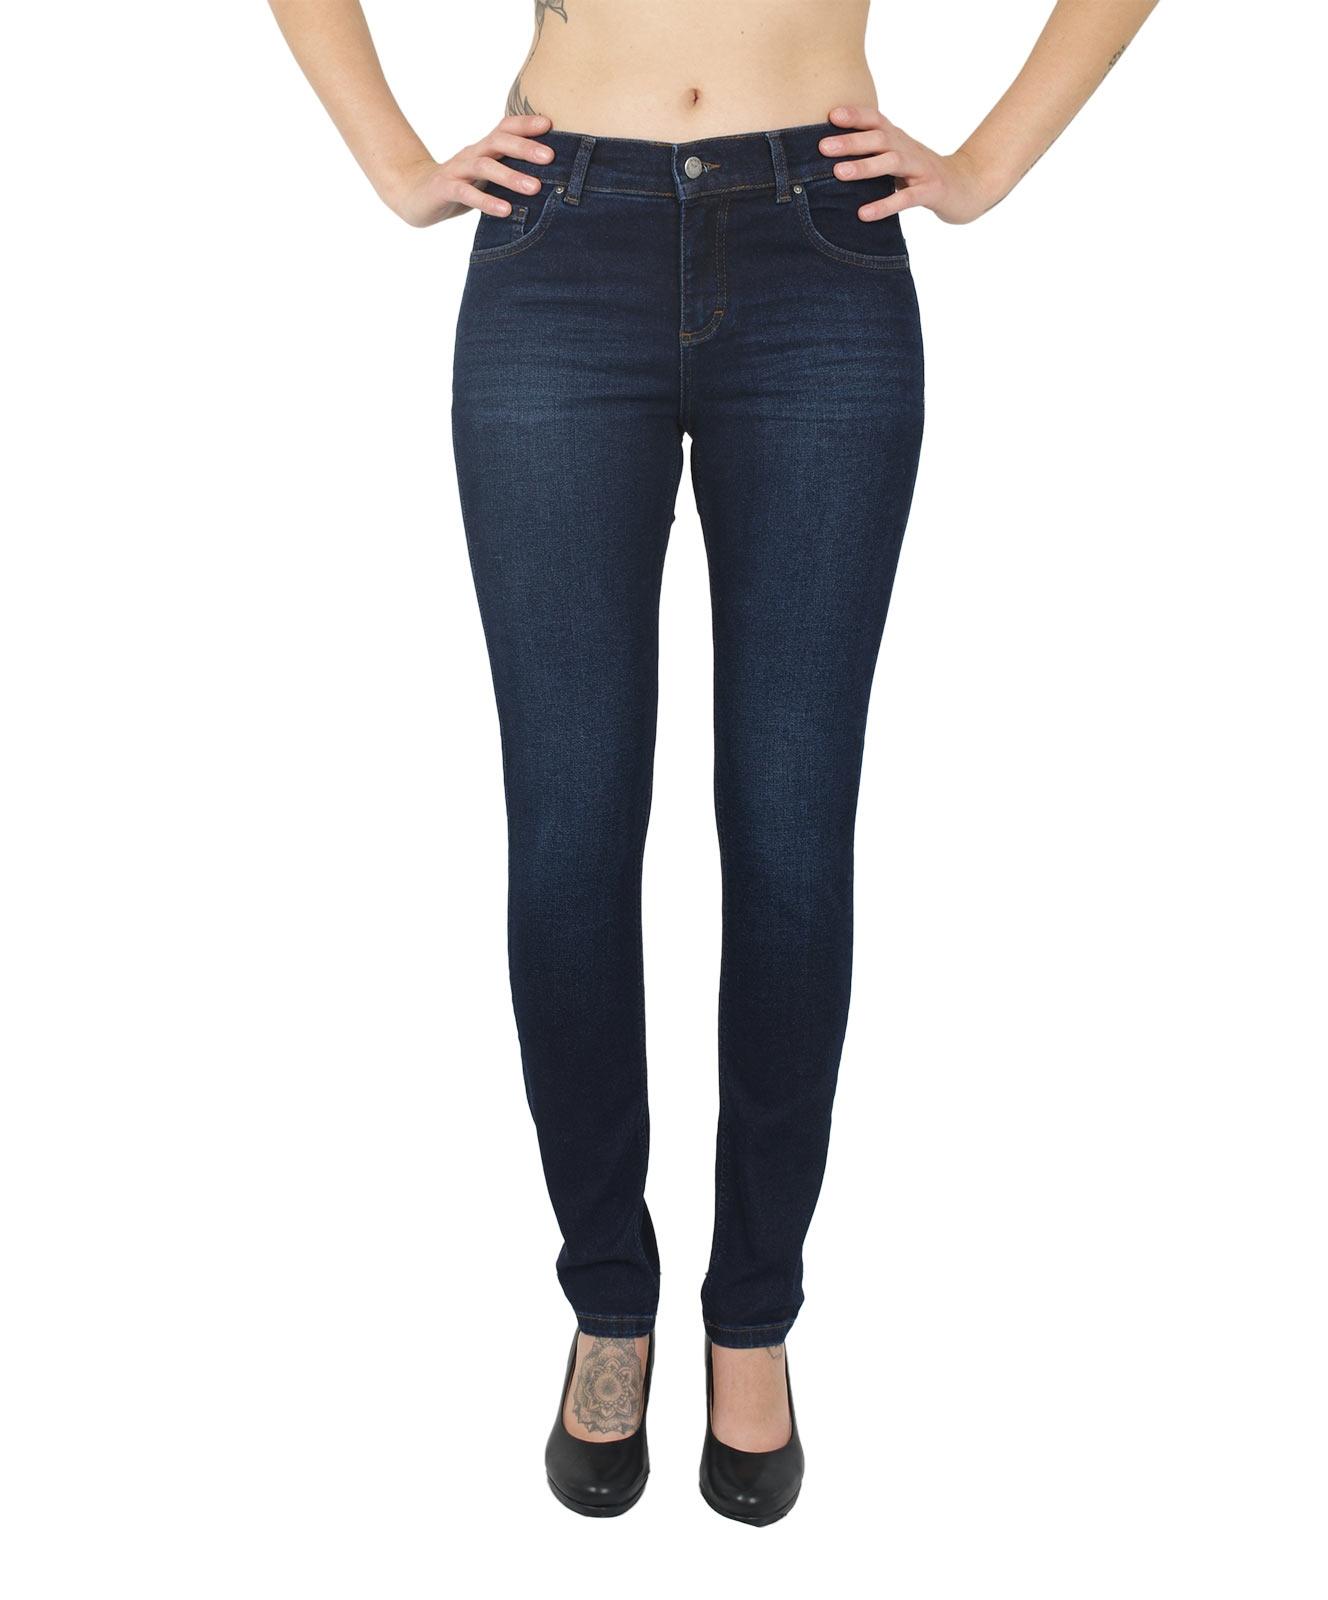 Hosen - Angels Jeans Röhre Skinny in Dark Indigo Used Buffi  - Onlineshop Jeans Meile